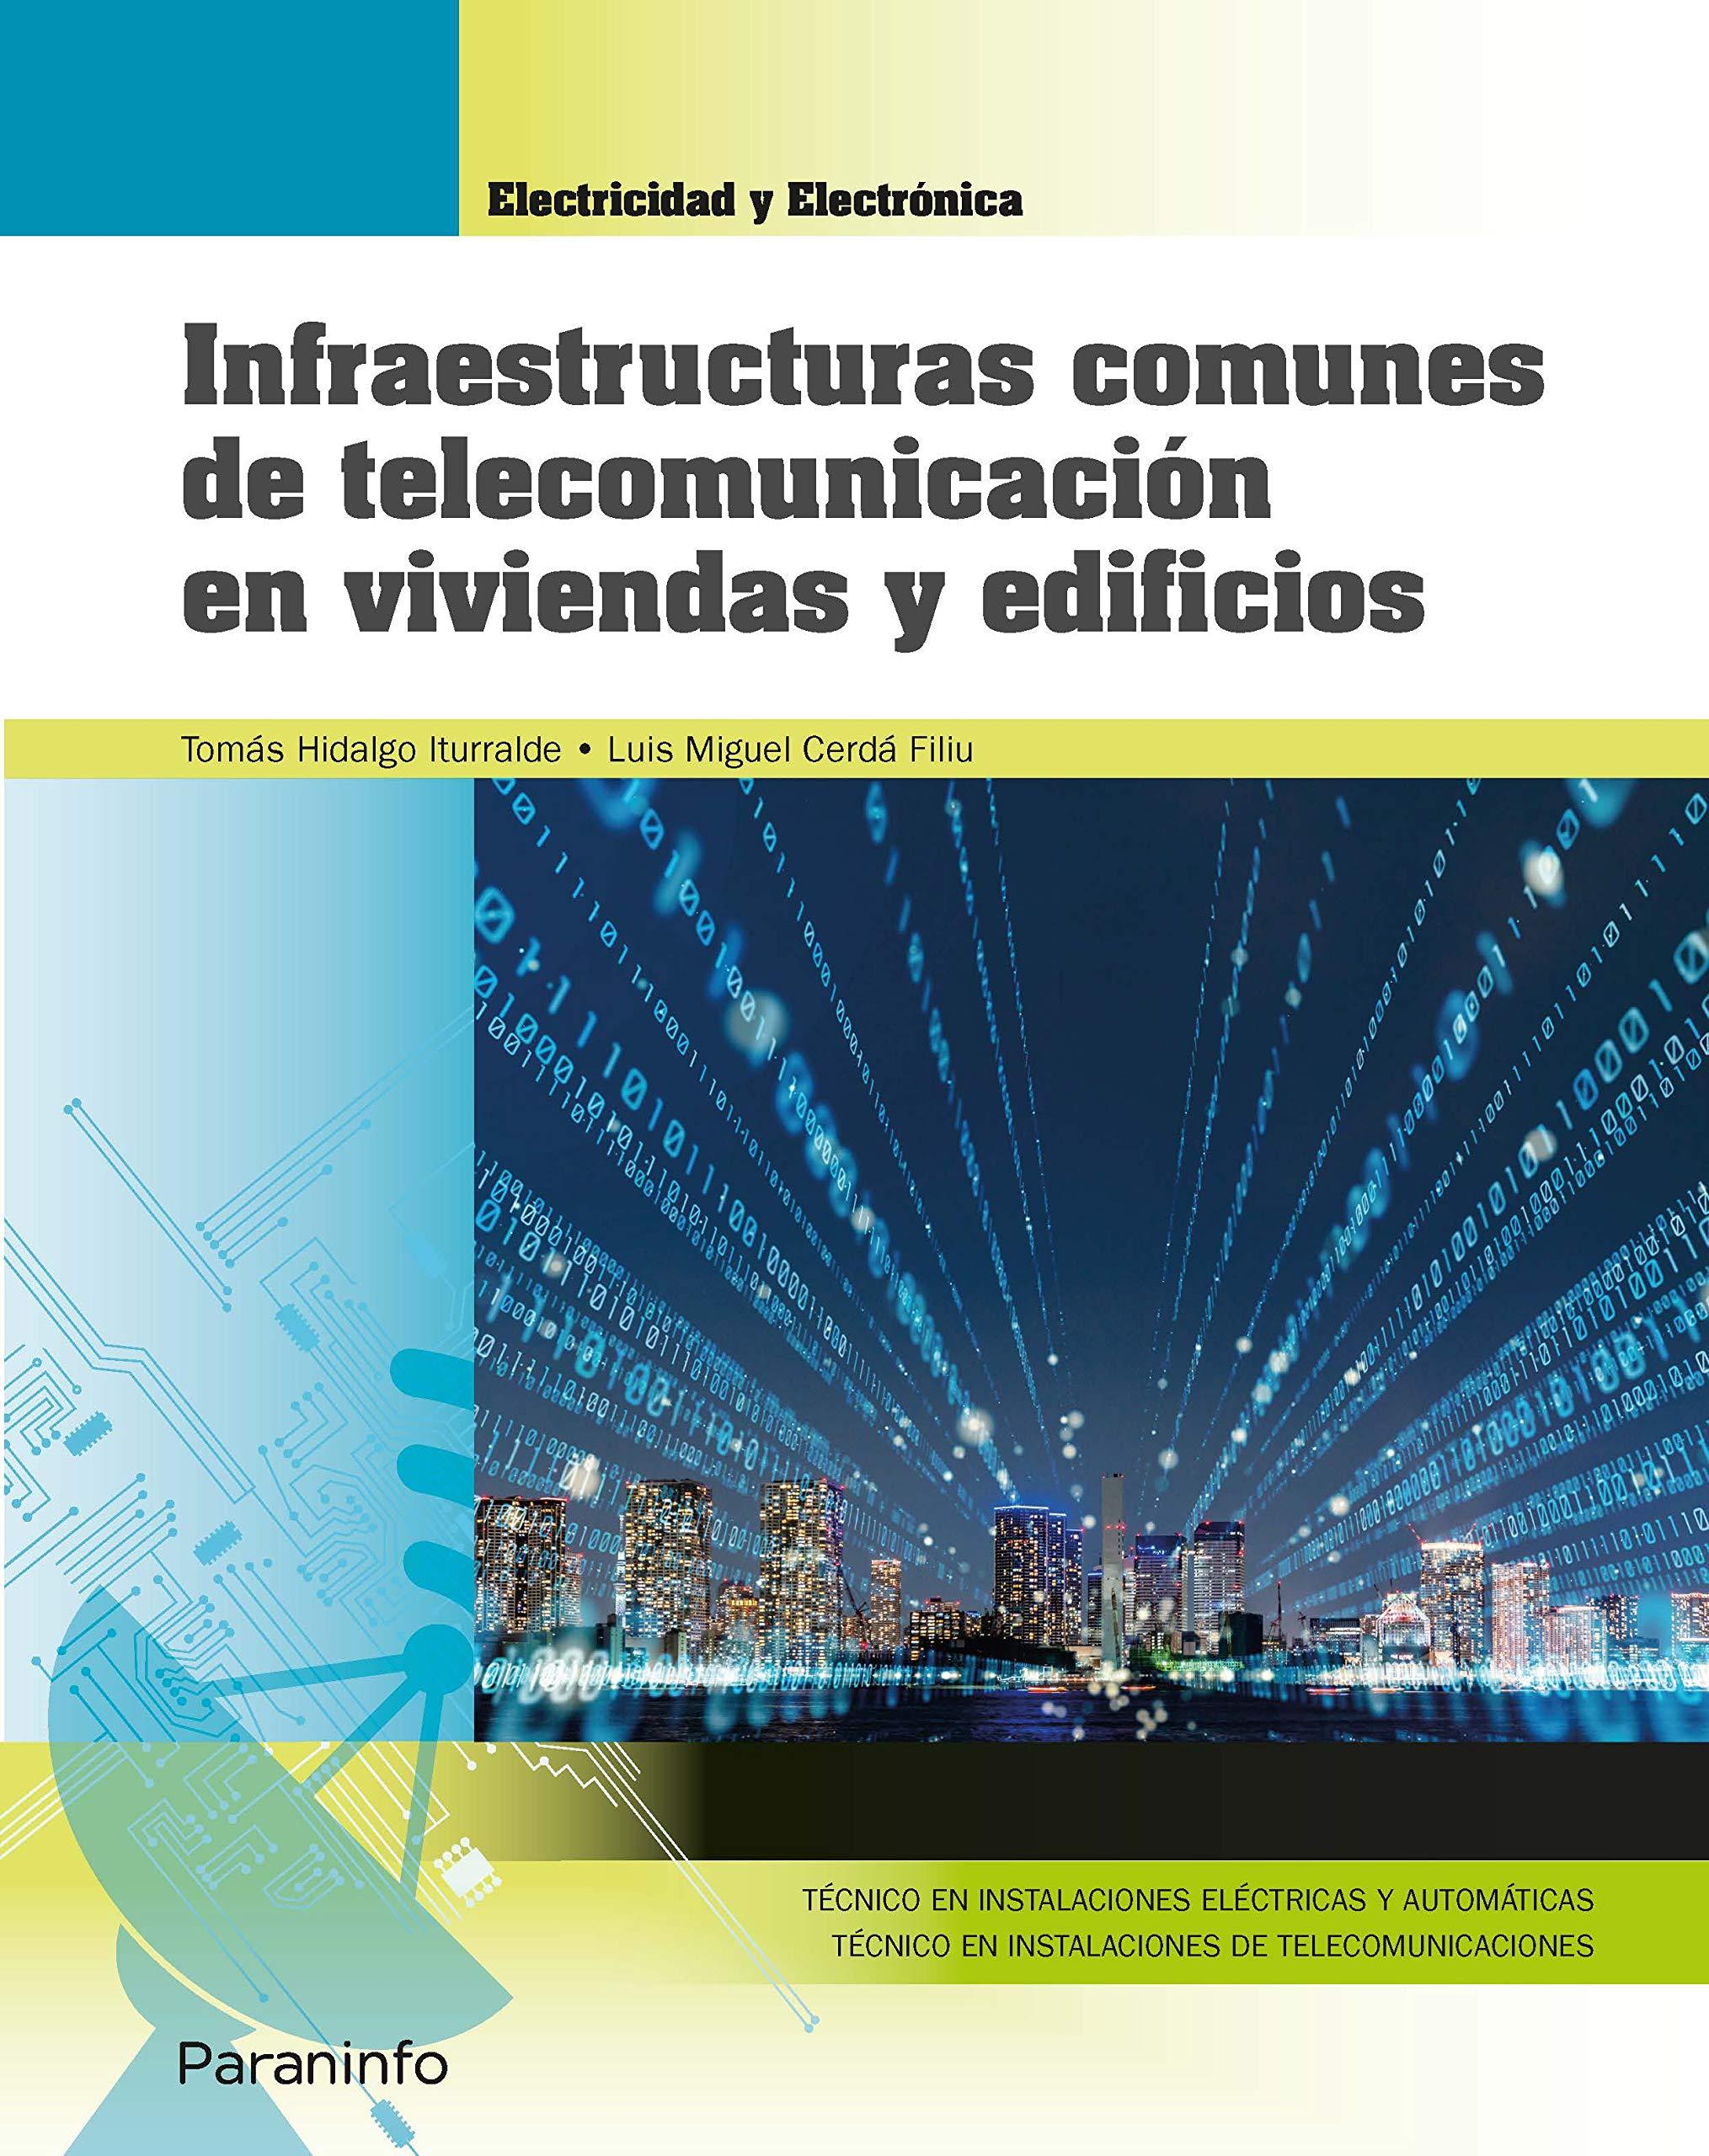 Infraestructuras comunes de telecomunicación en viviendas y edificios Edición 2019: Amazon.es: CERDÁ FILIU, LUIS MIGUEL, HIDALGO ITURRALDE, TOMÁS: Libros